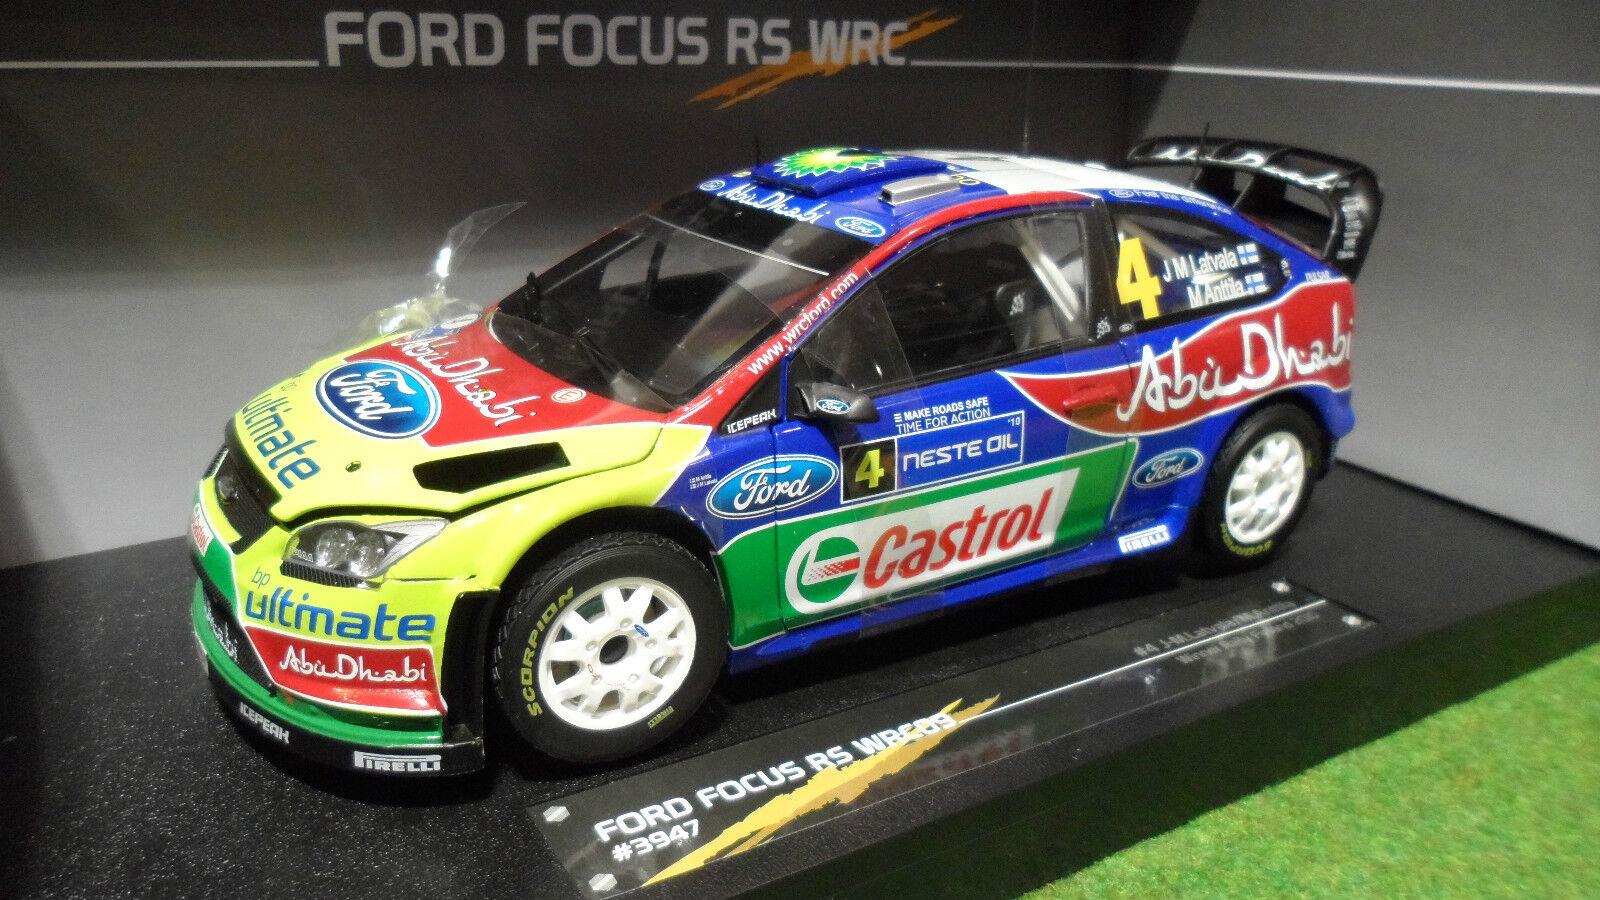 solo para ti FORD    FOCUS RS WRC09 WINNER Rallye FINLANDE 2010 1 18 SUNEstrella 3947 voiture Rally  distribución global